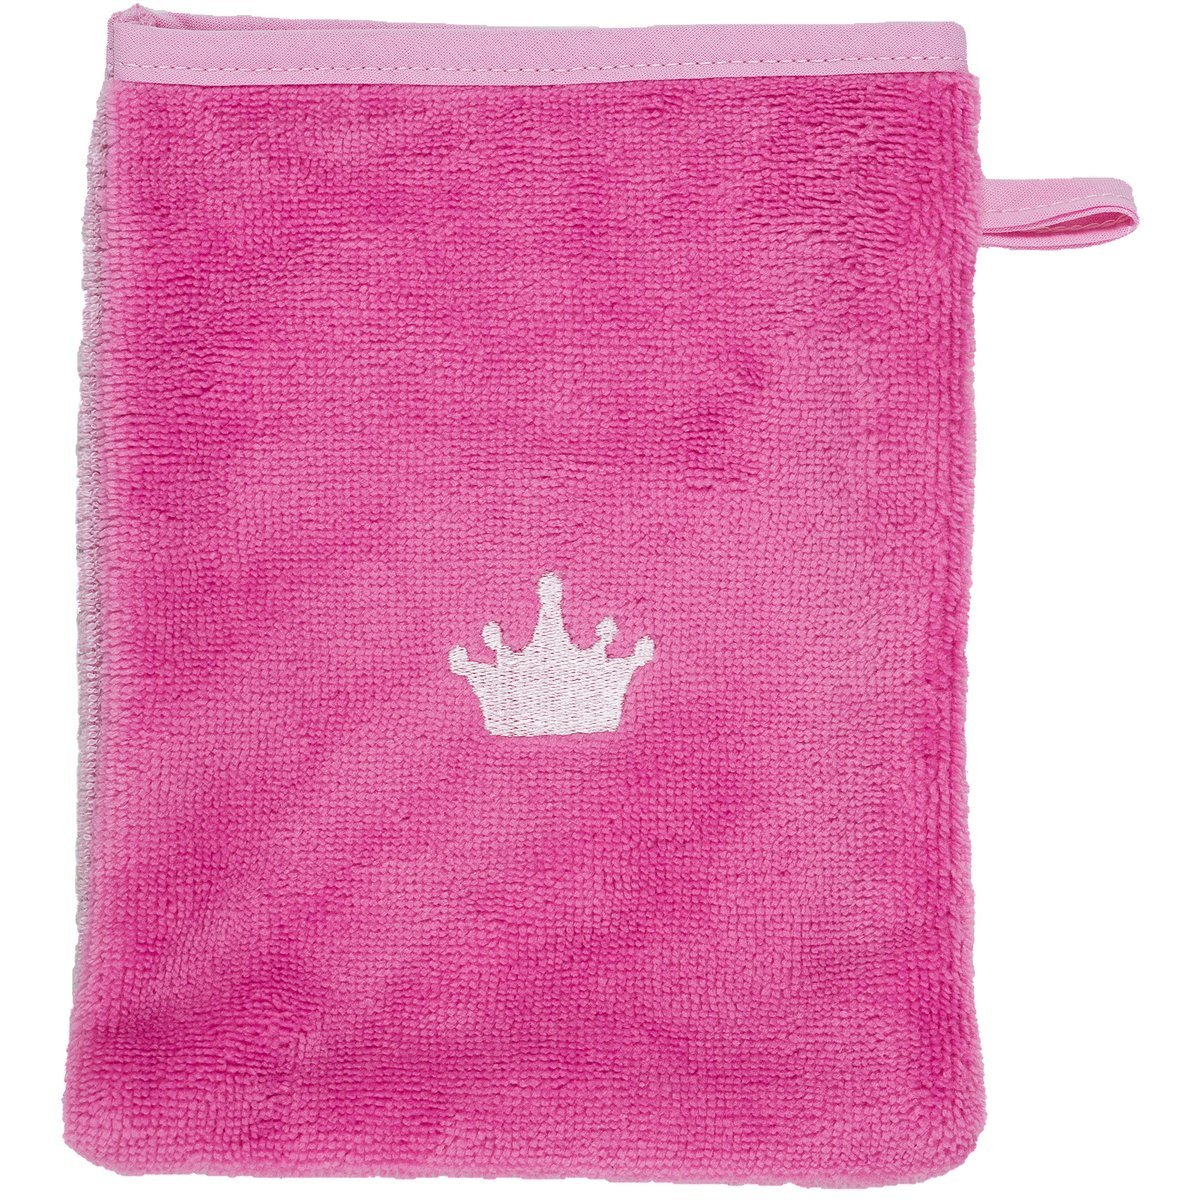 von Smithy Waschhandschuh Motiv KRONE Farbe pink Waschlappen M/ädchen